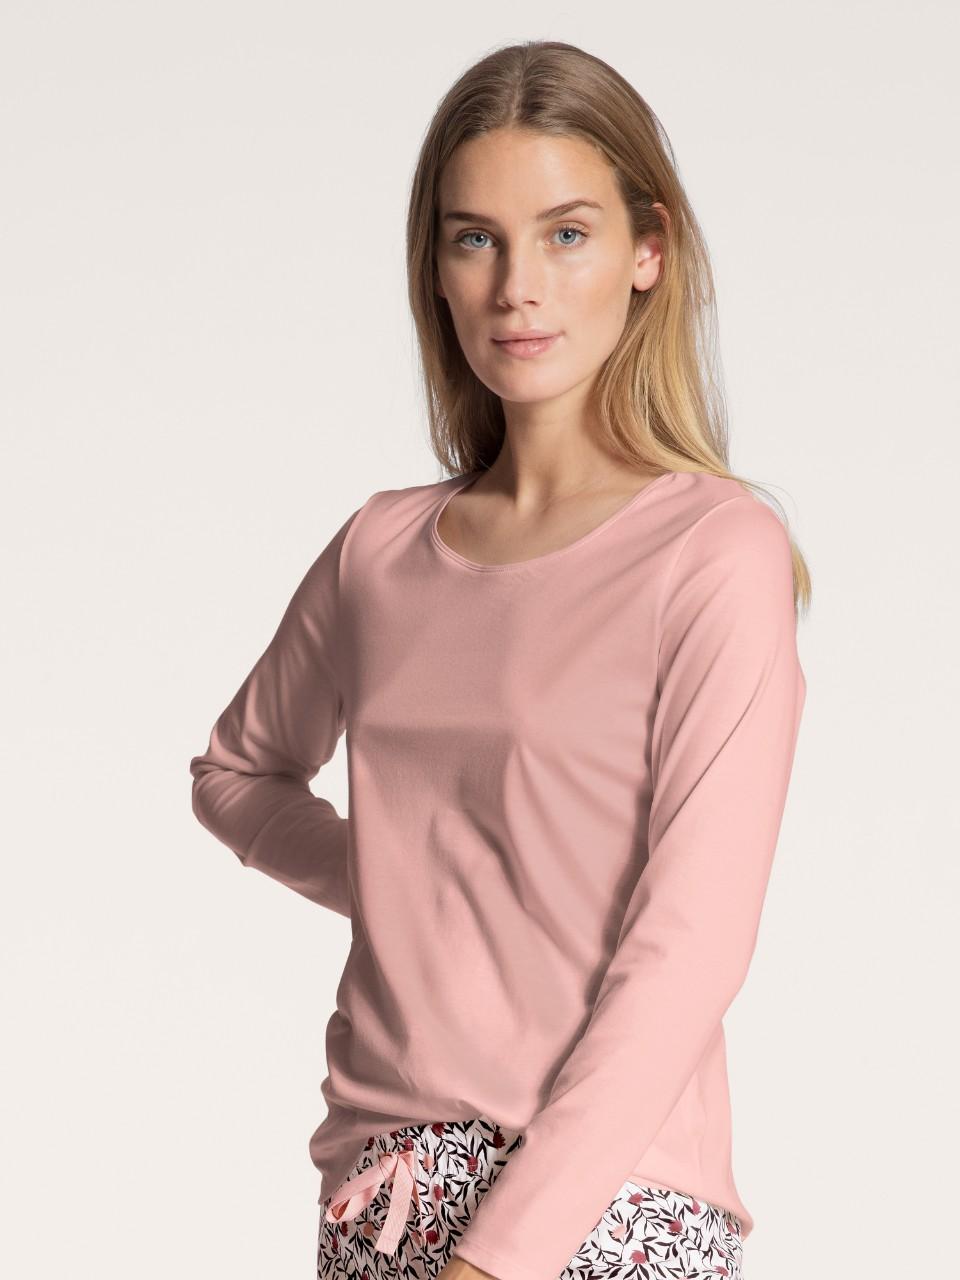 15239 251 tee-shirt vieux rose 100% coton supima Prix : 49.95 €